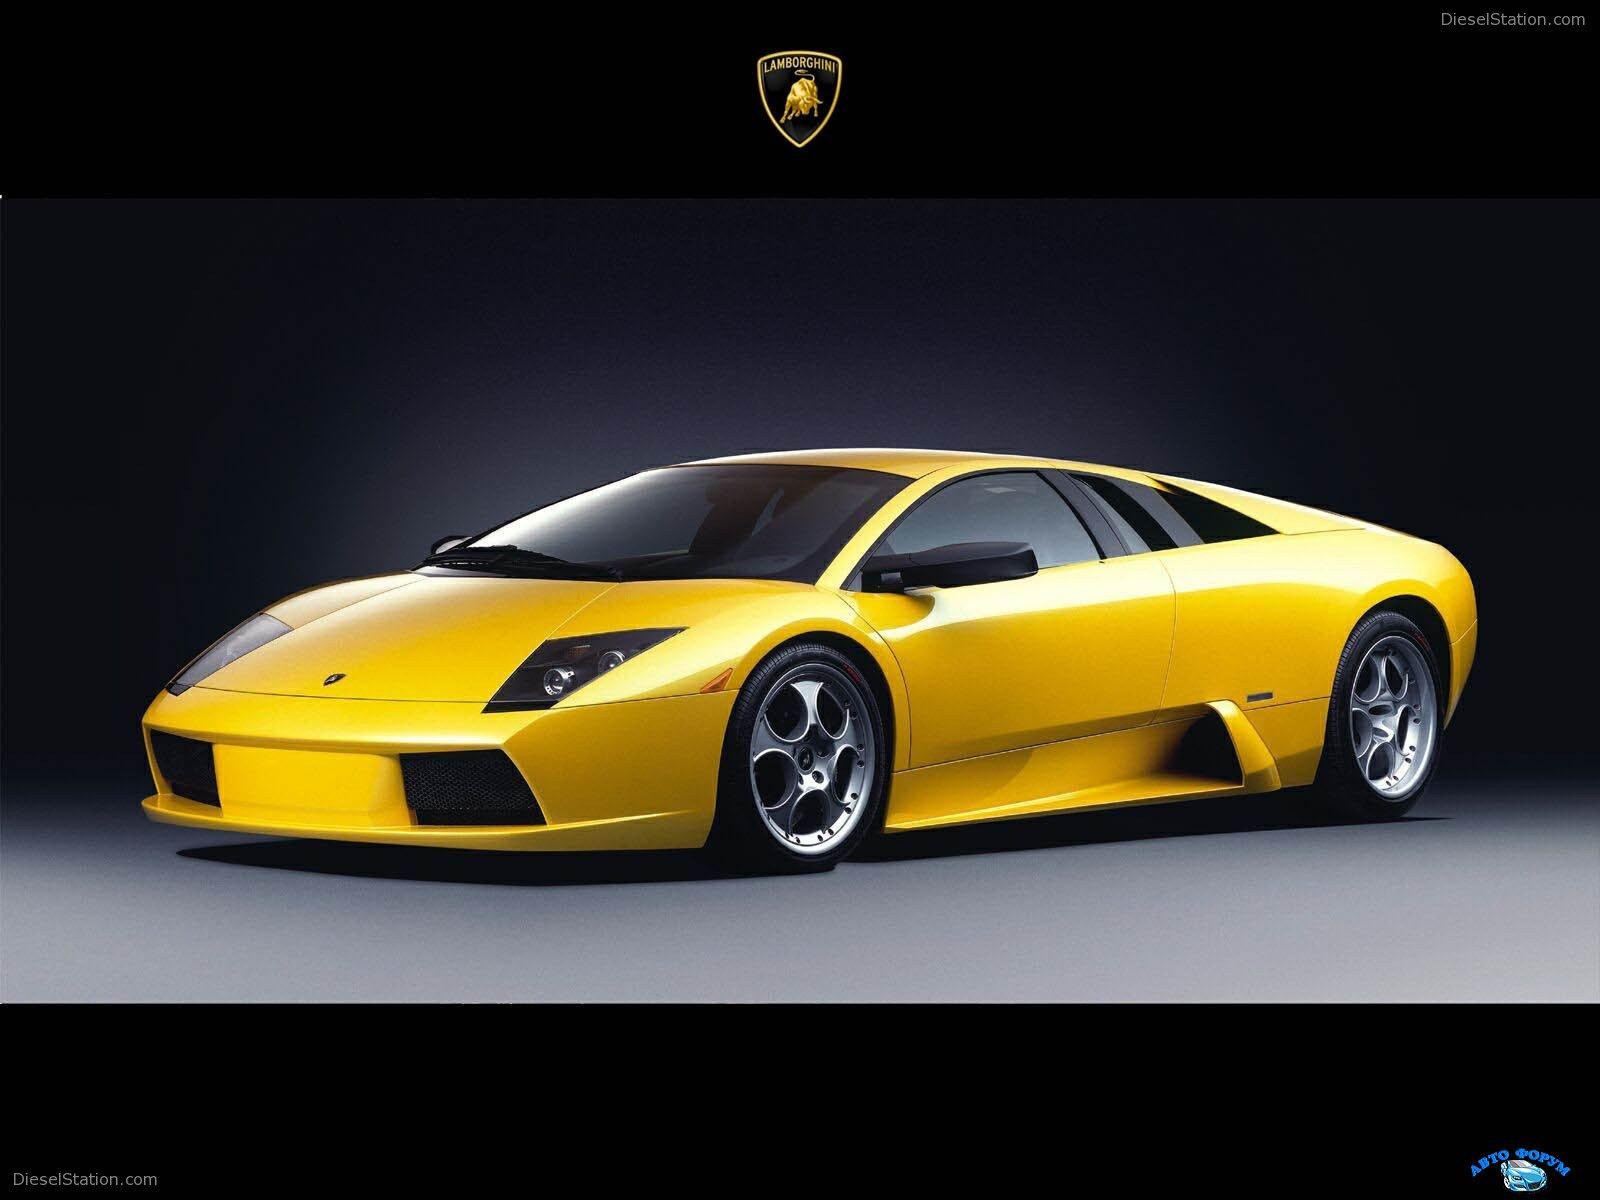 Lamborghini-Murcielago-012.jpg